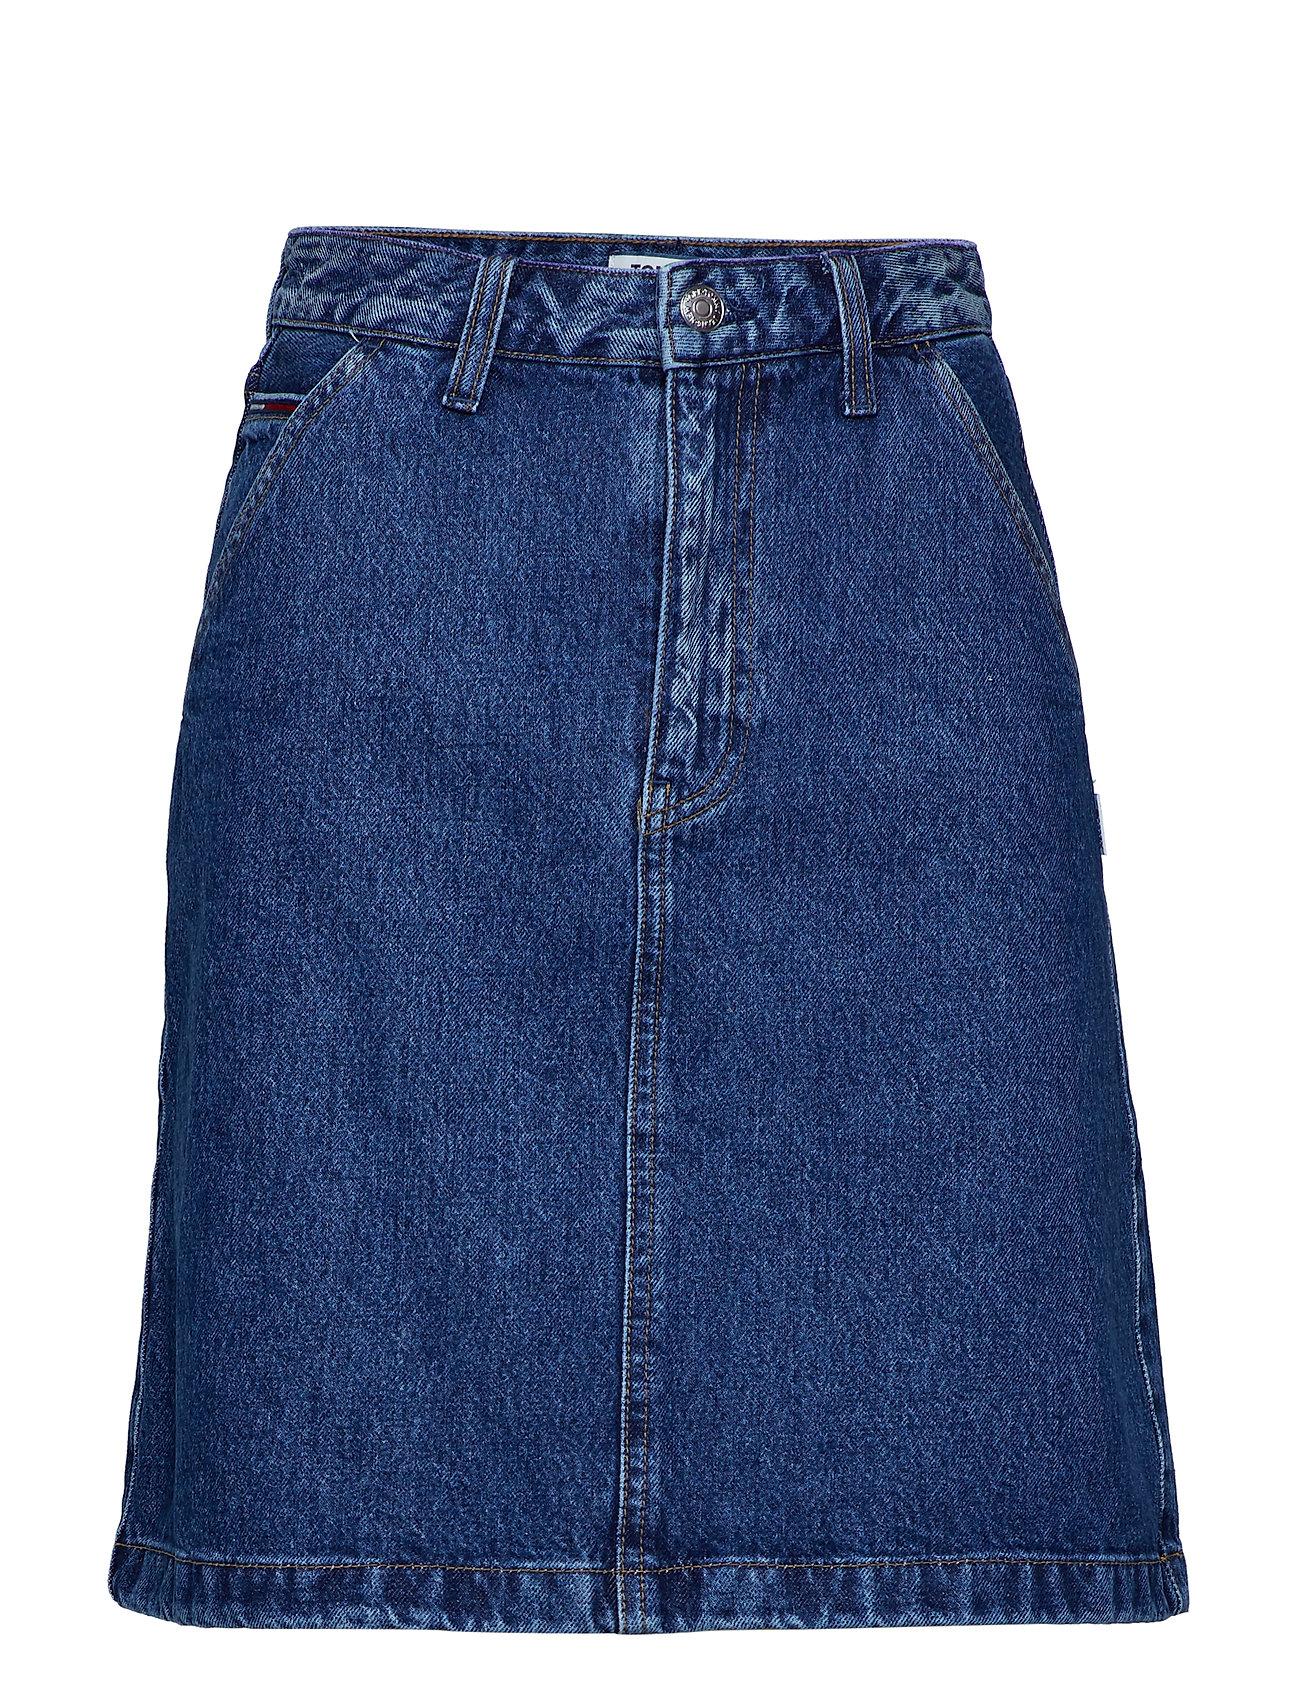 Tommy Jeans A LINE DENIM SKIRT G - GOUGH MID BLUE RIG